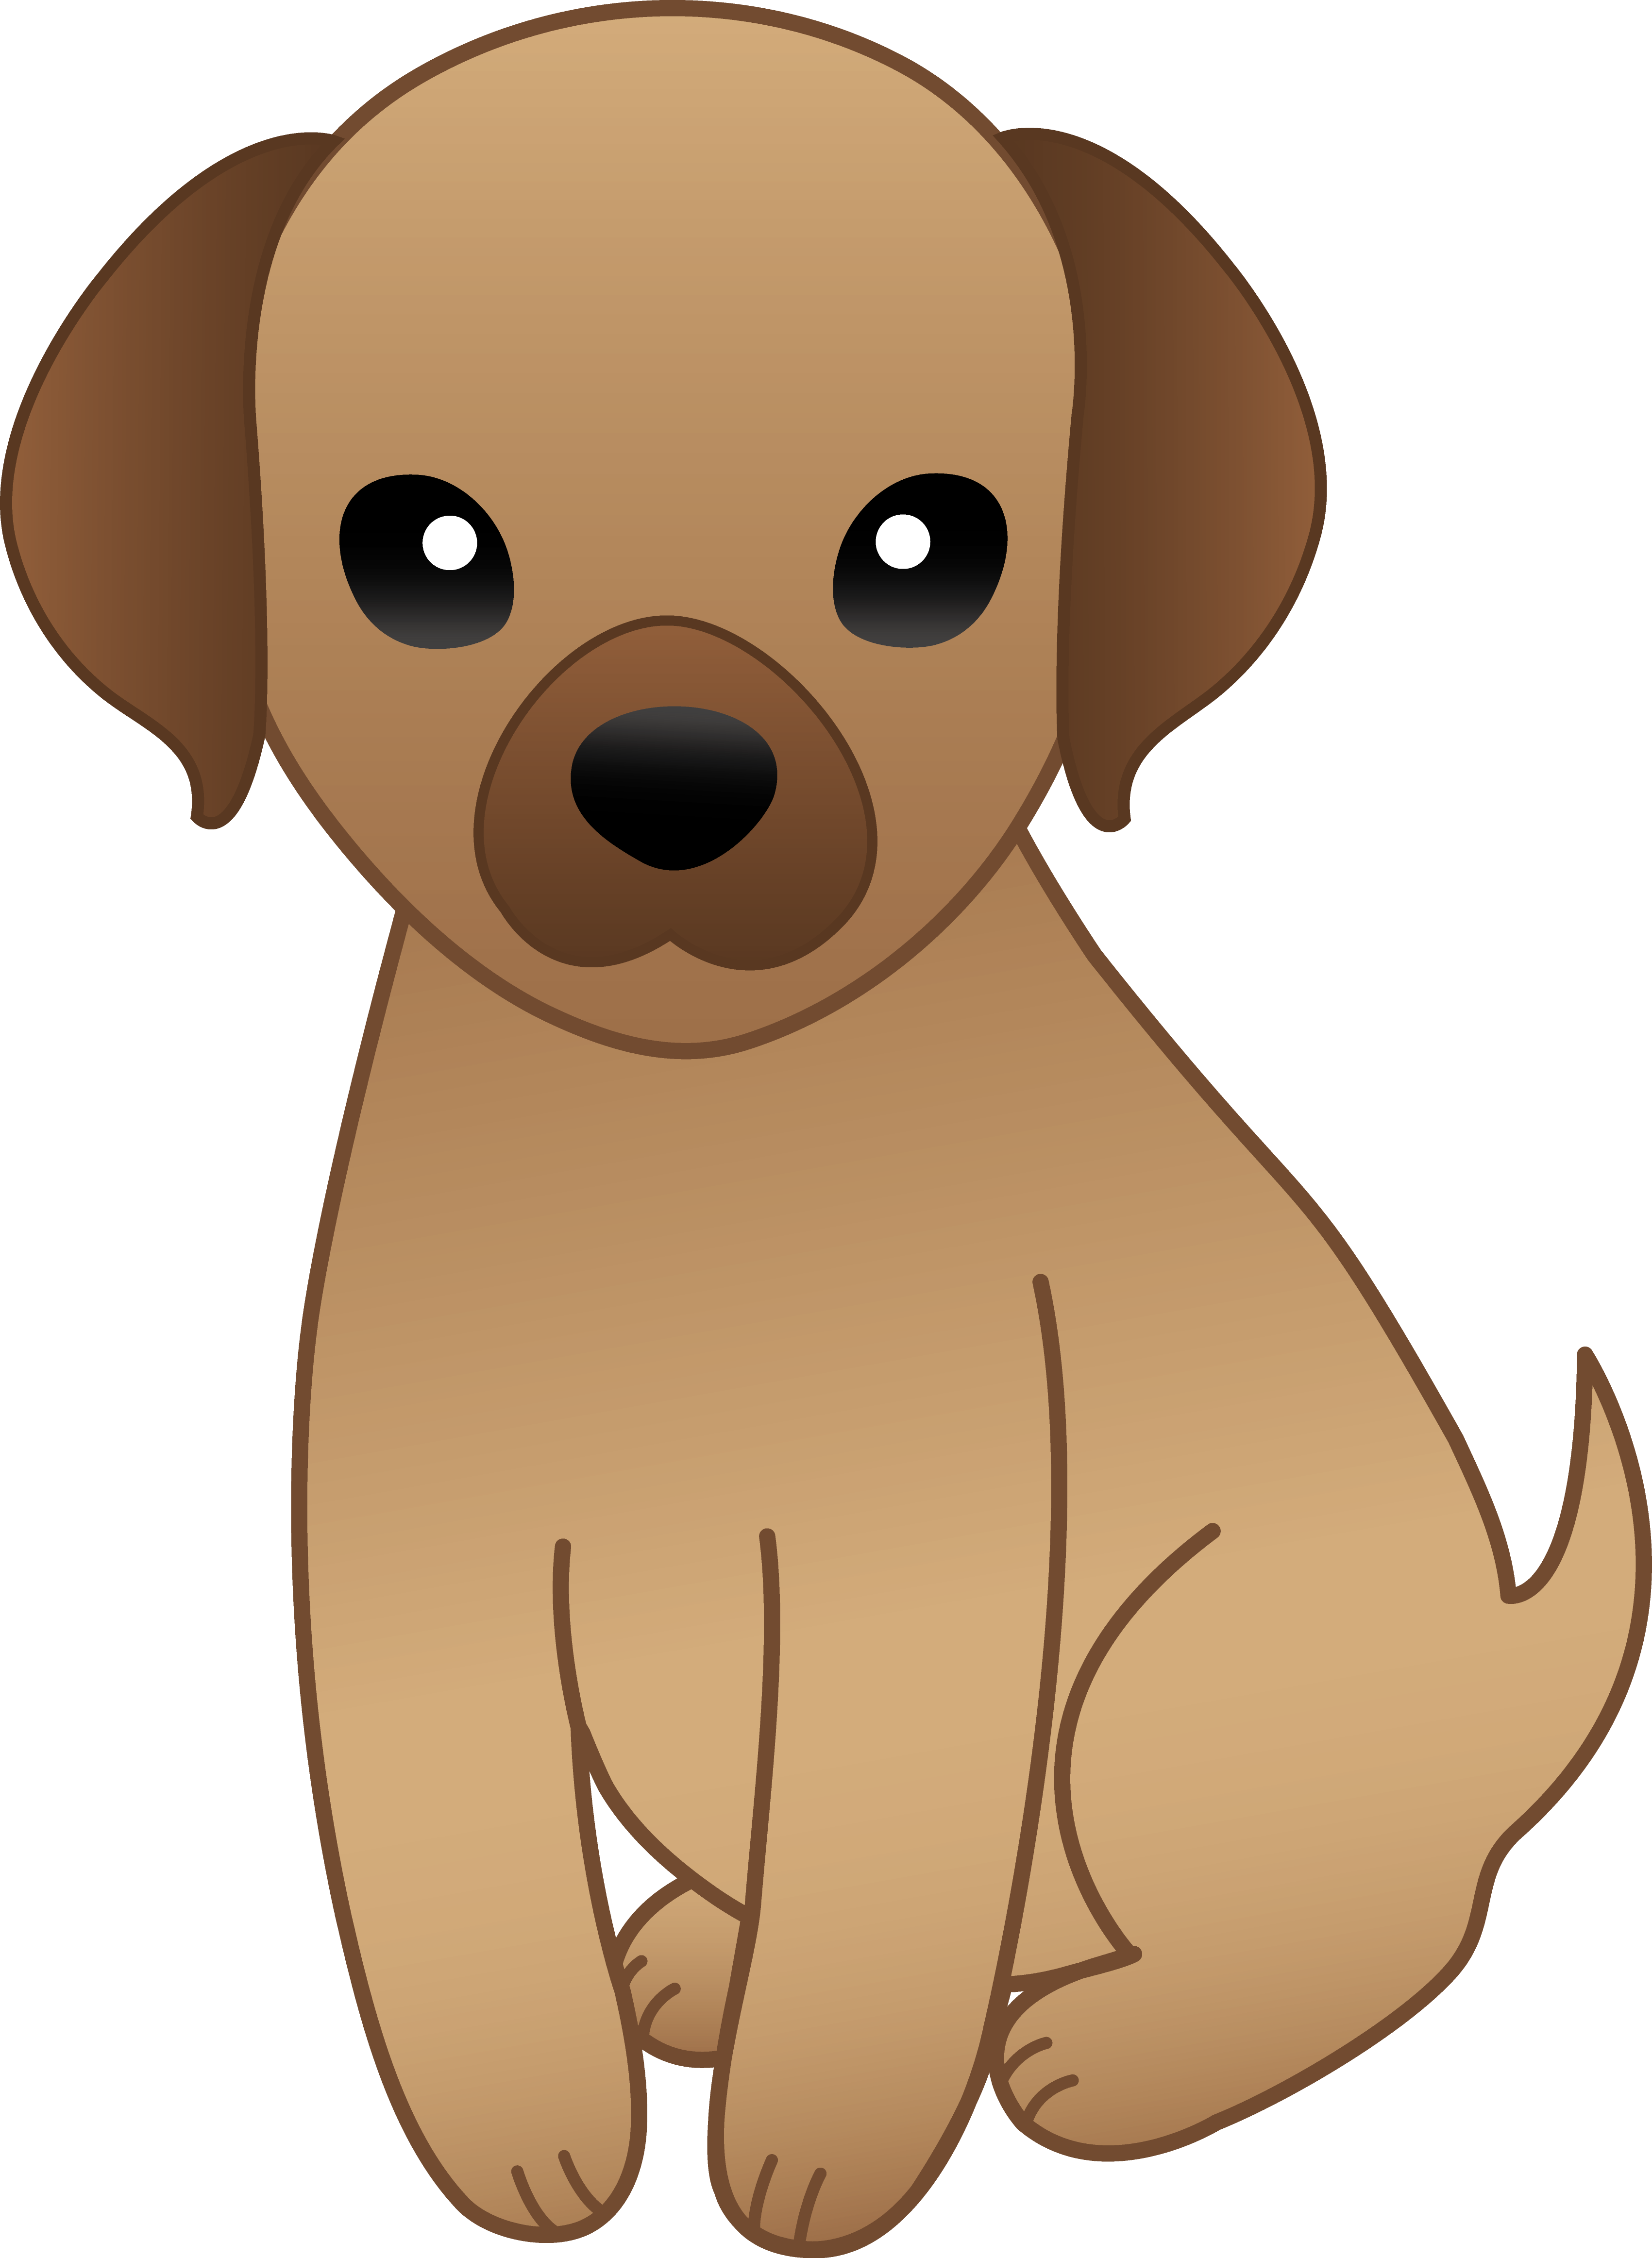 Animated Dog PNG HD - 127574